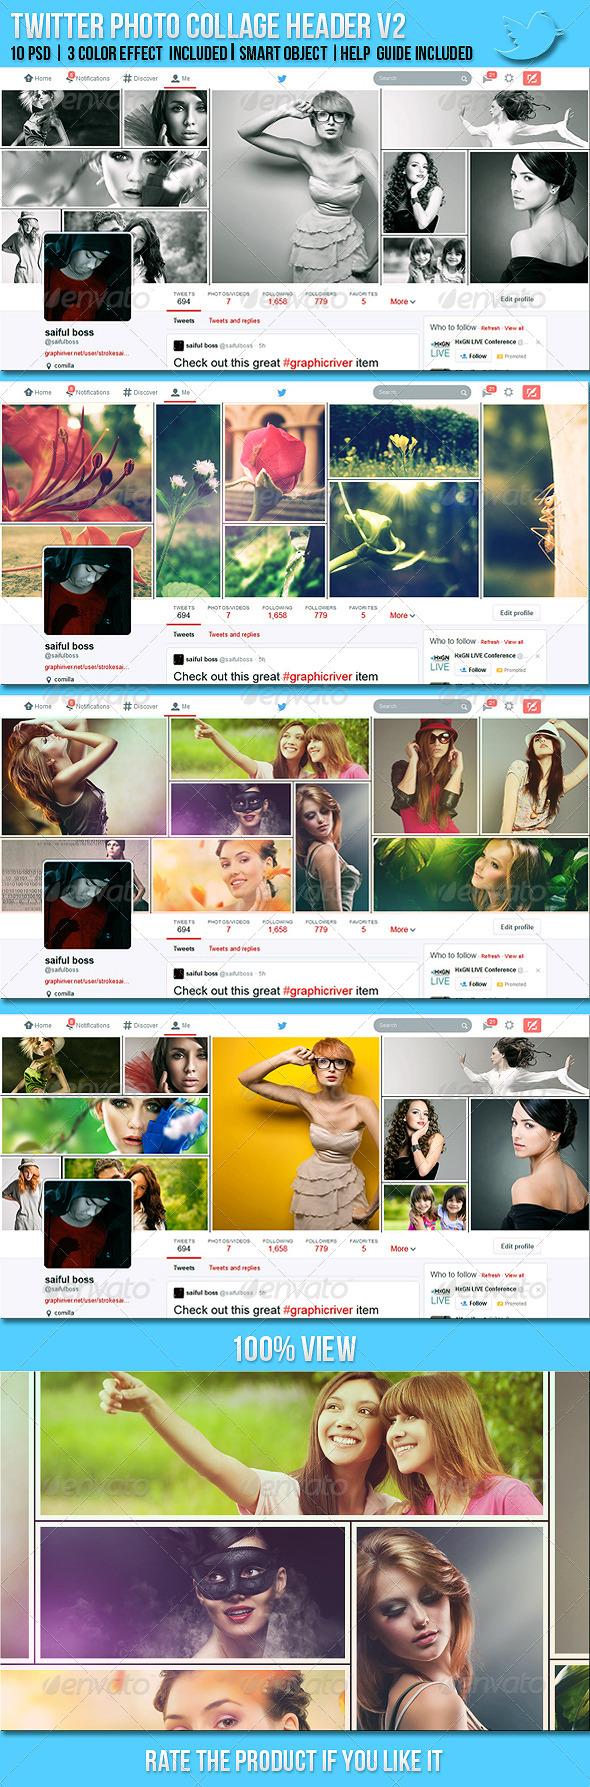 Twitter Photo Collage Header V2 - Twitter Social Media